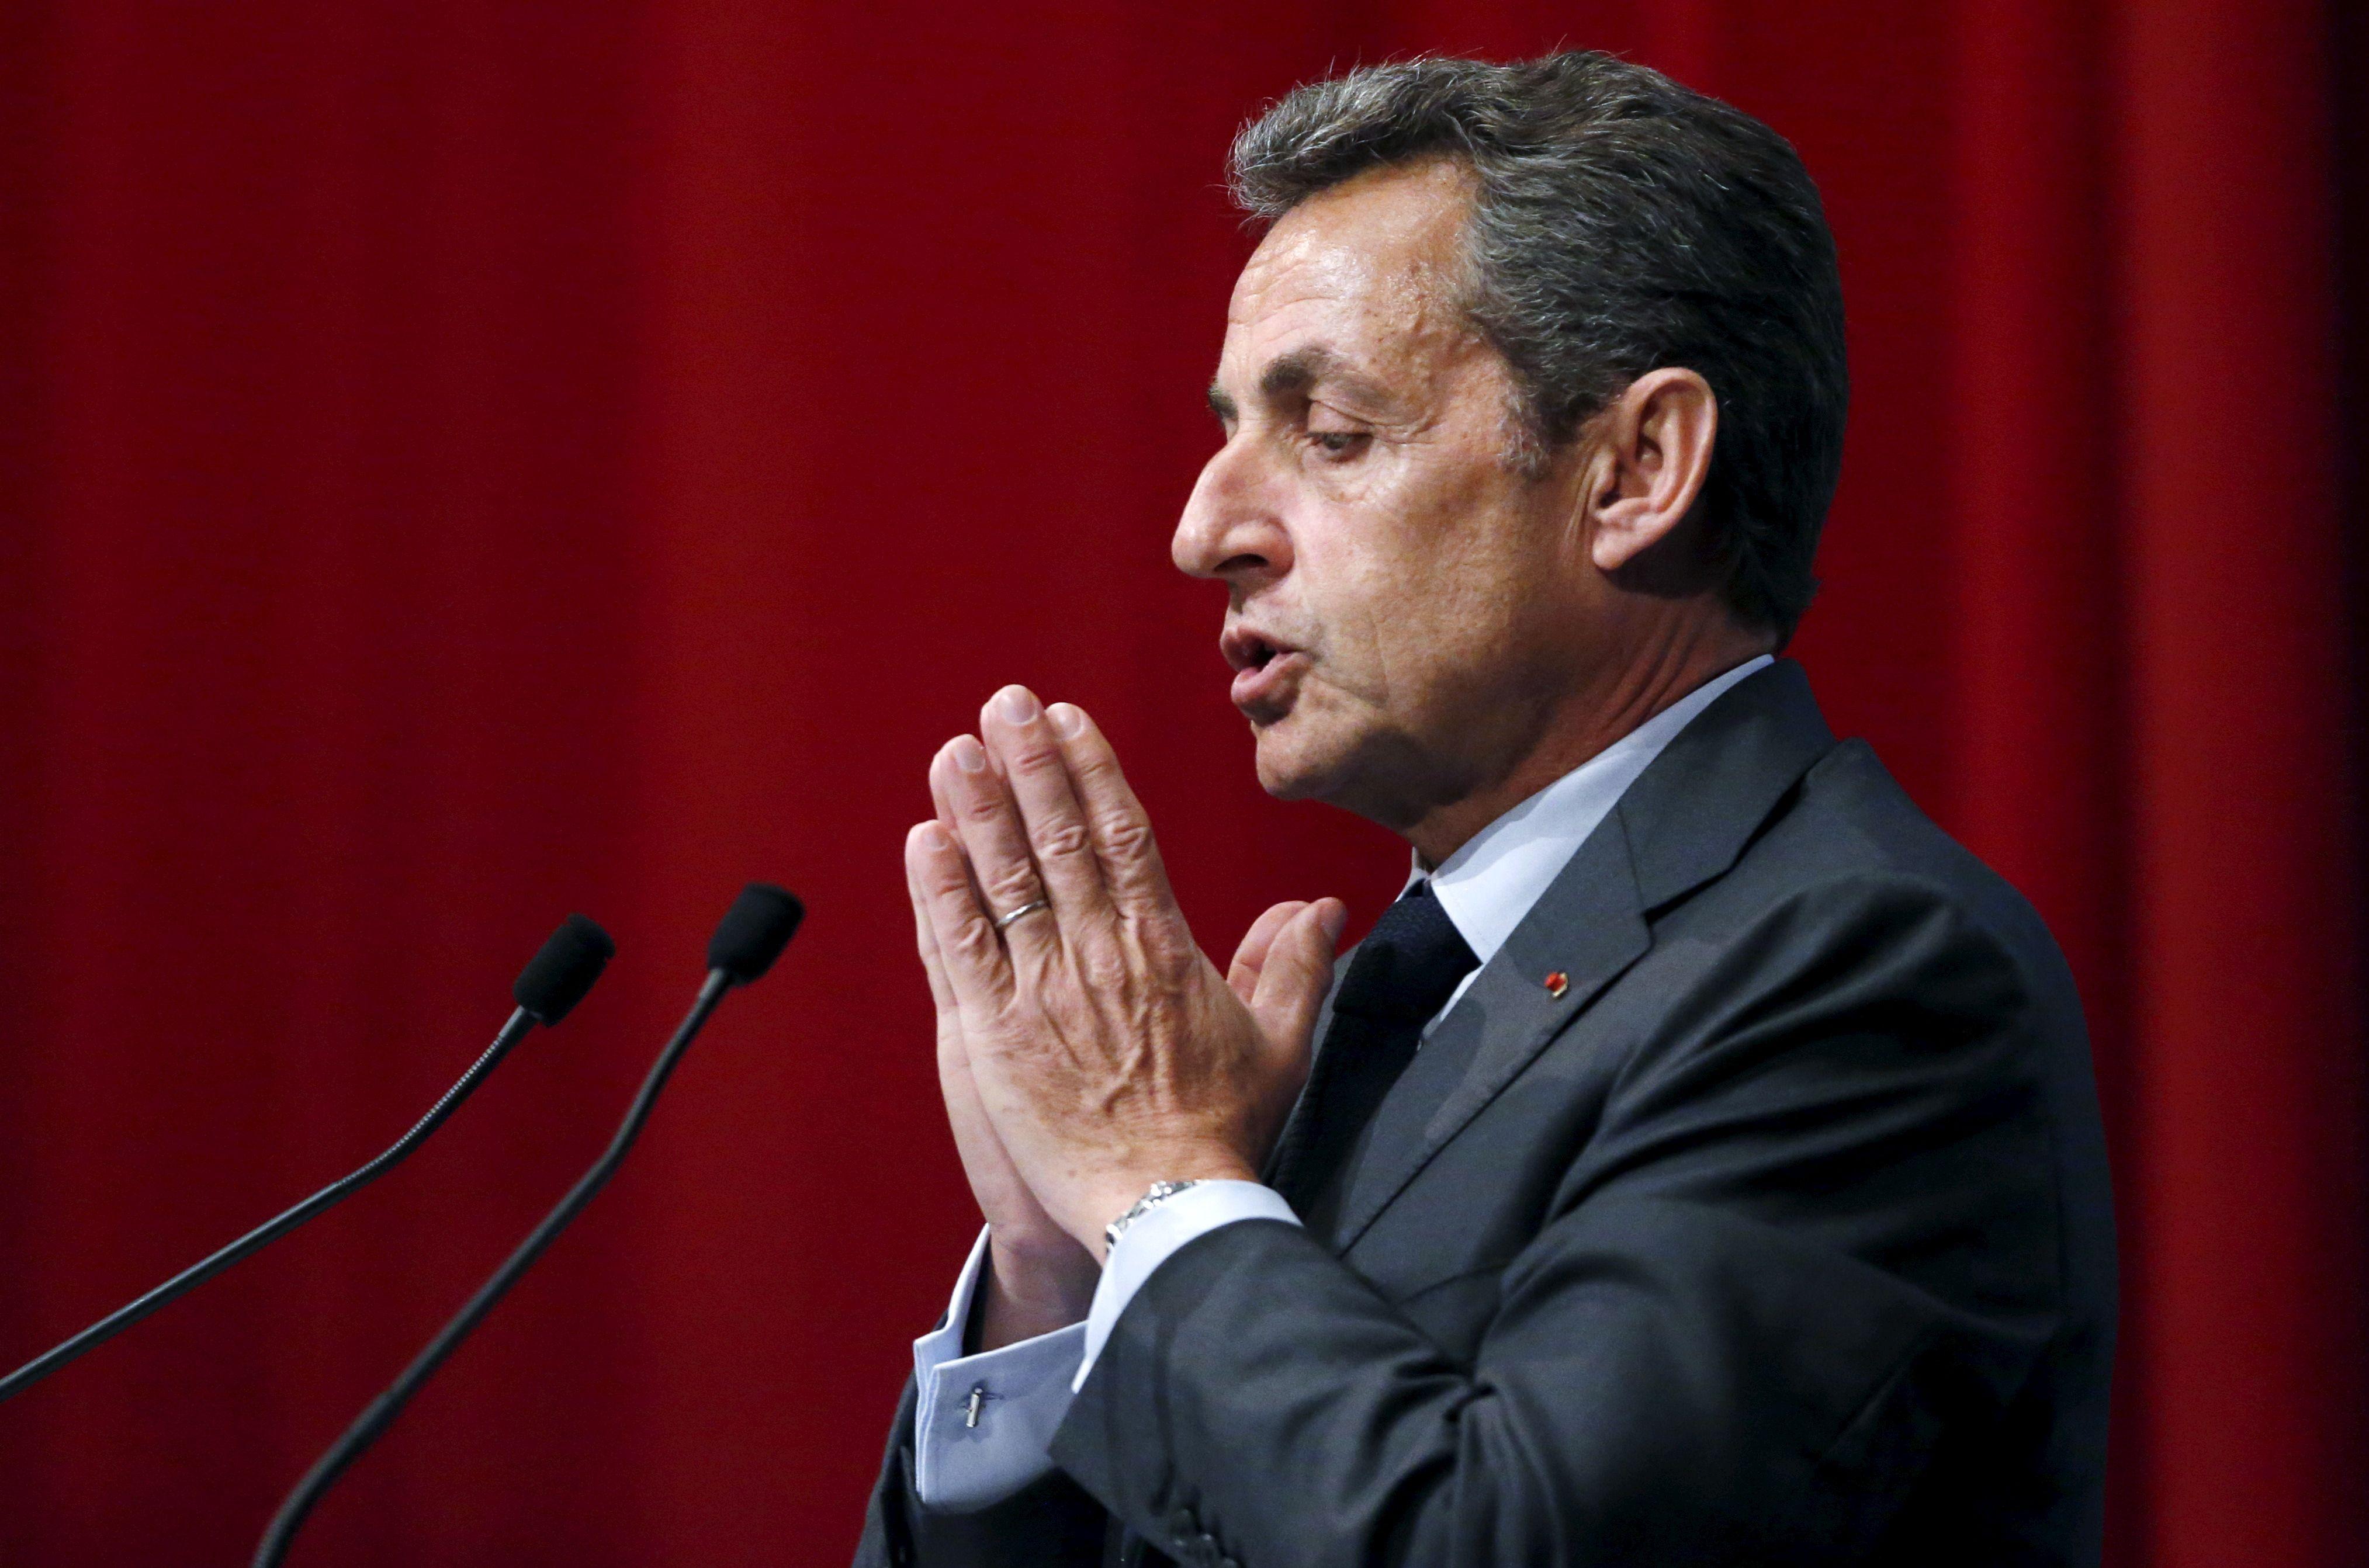 Nicolas Sarkozy mis en examen pour financement illégal de sa campagne